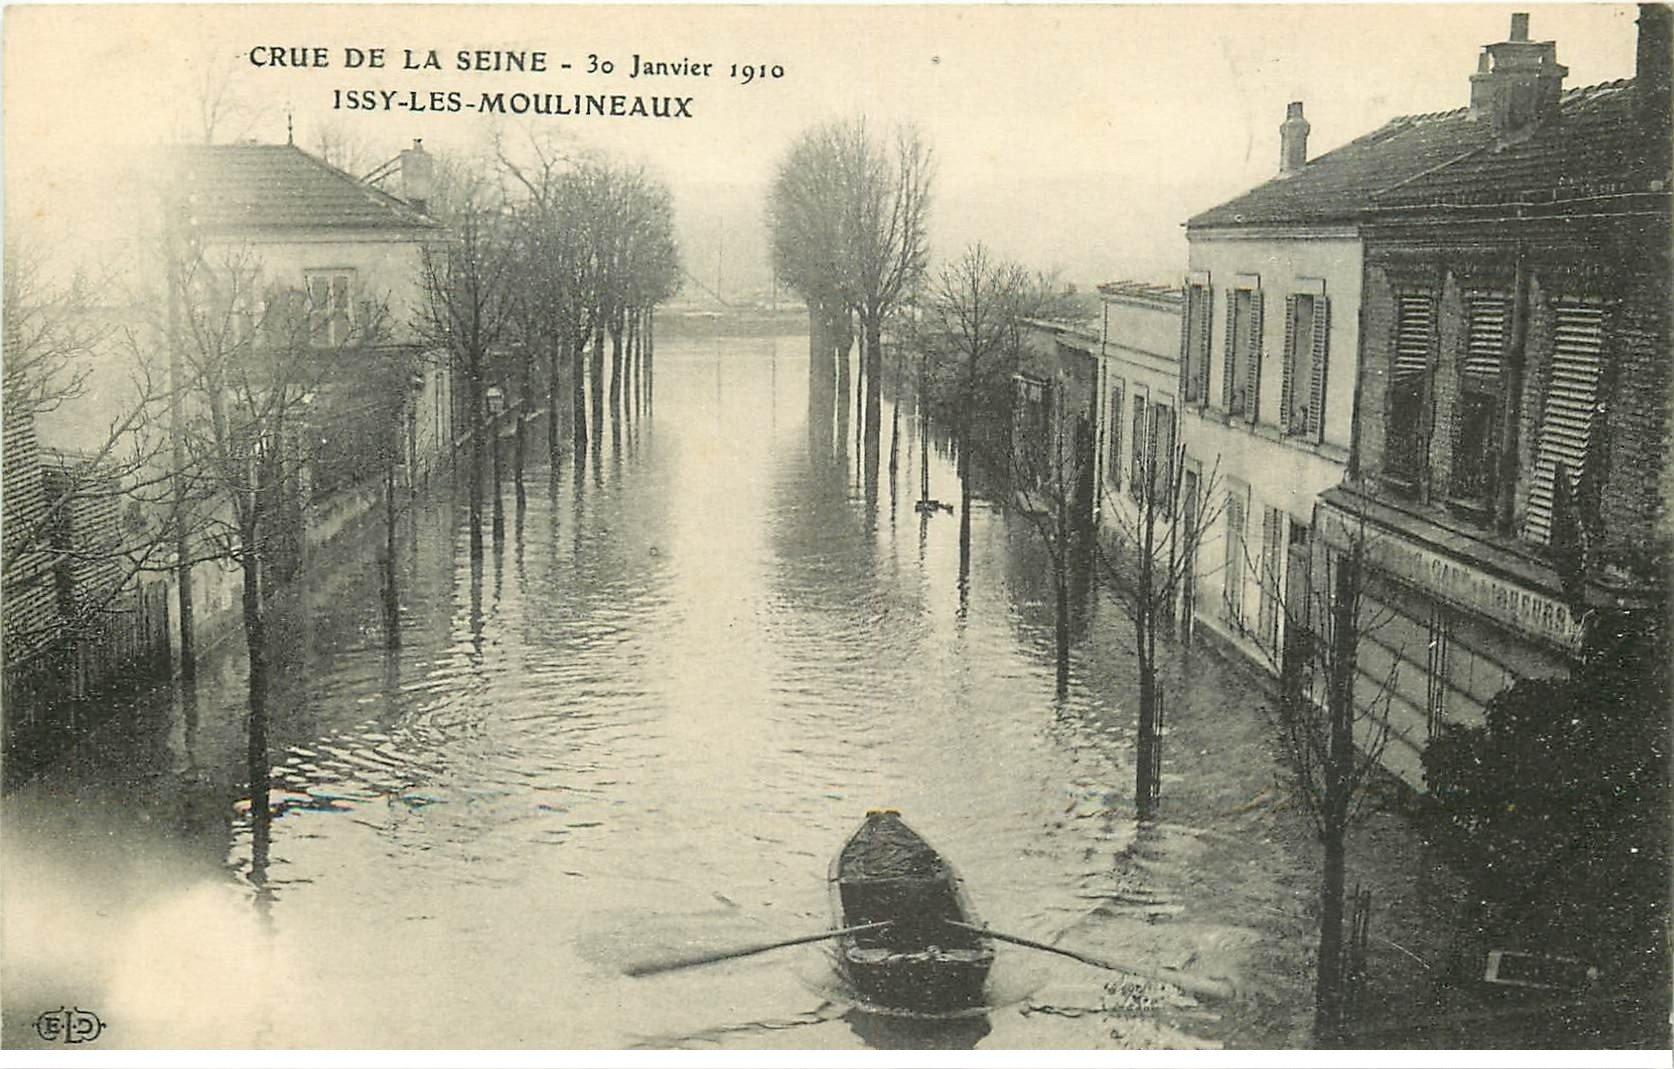 carte postale ancienne Inondation et Crue de 1910. ISSY-LES-MOULINEAUX 92. Barque devant le Tabac